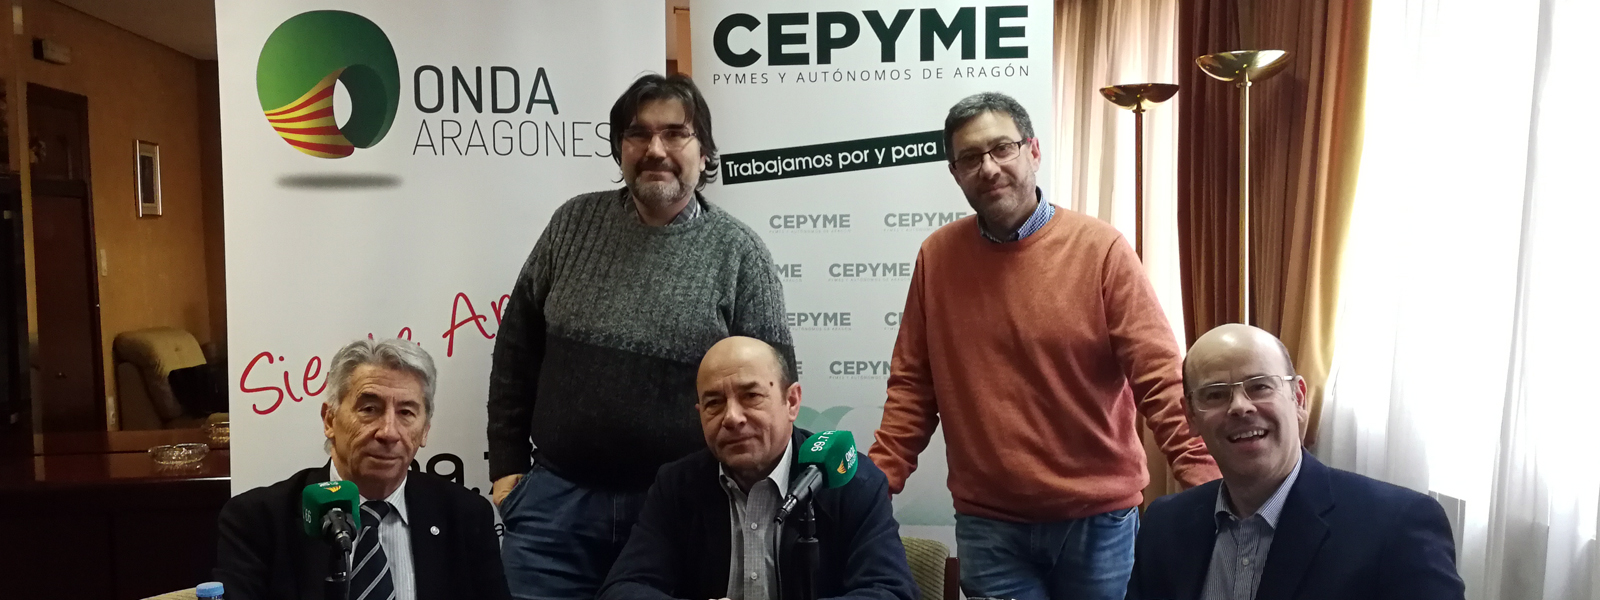 Programa de radio Onda Aragonesa